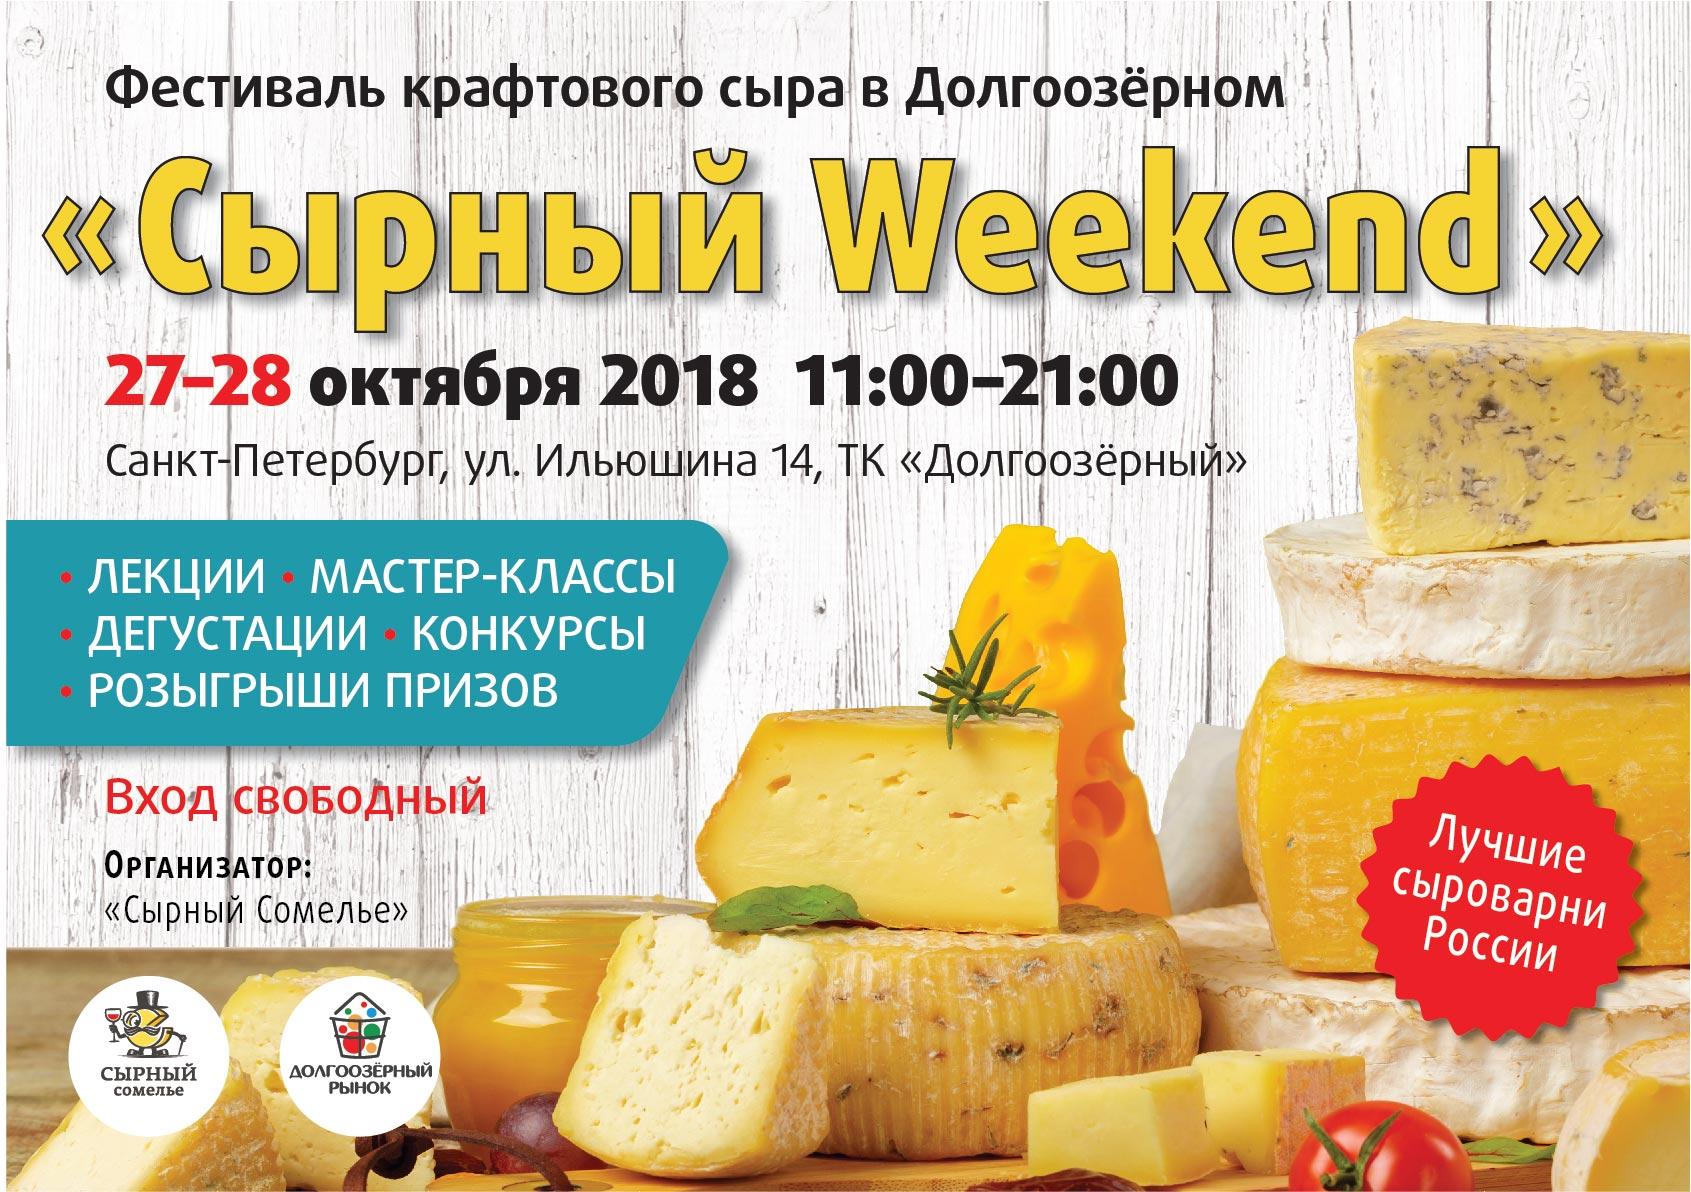 Третий Фестиваль крафтового сыра